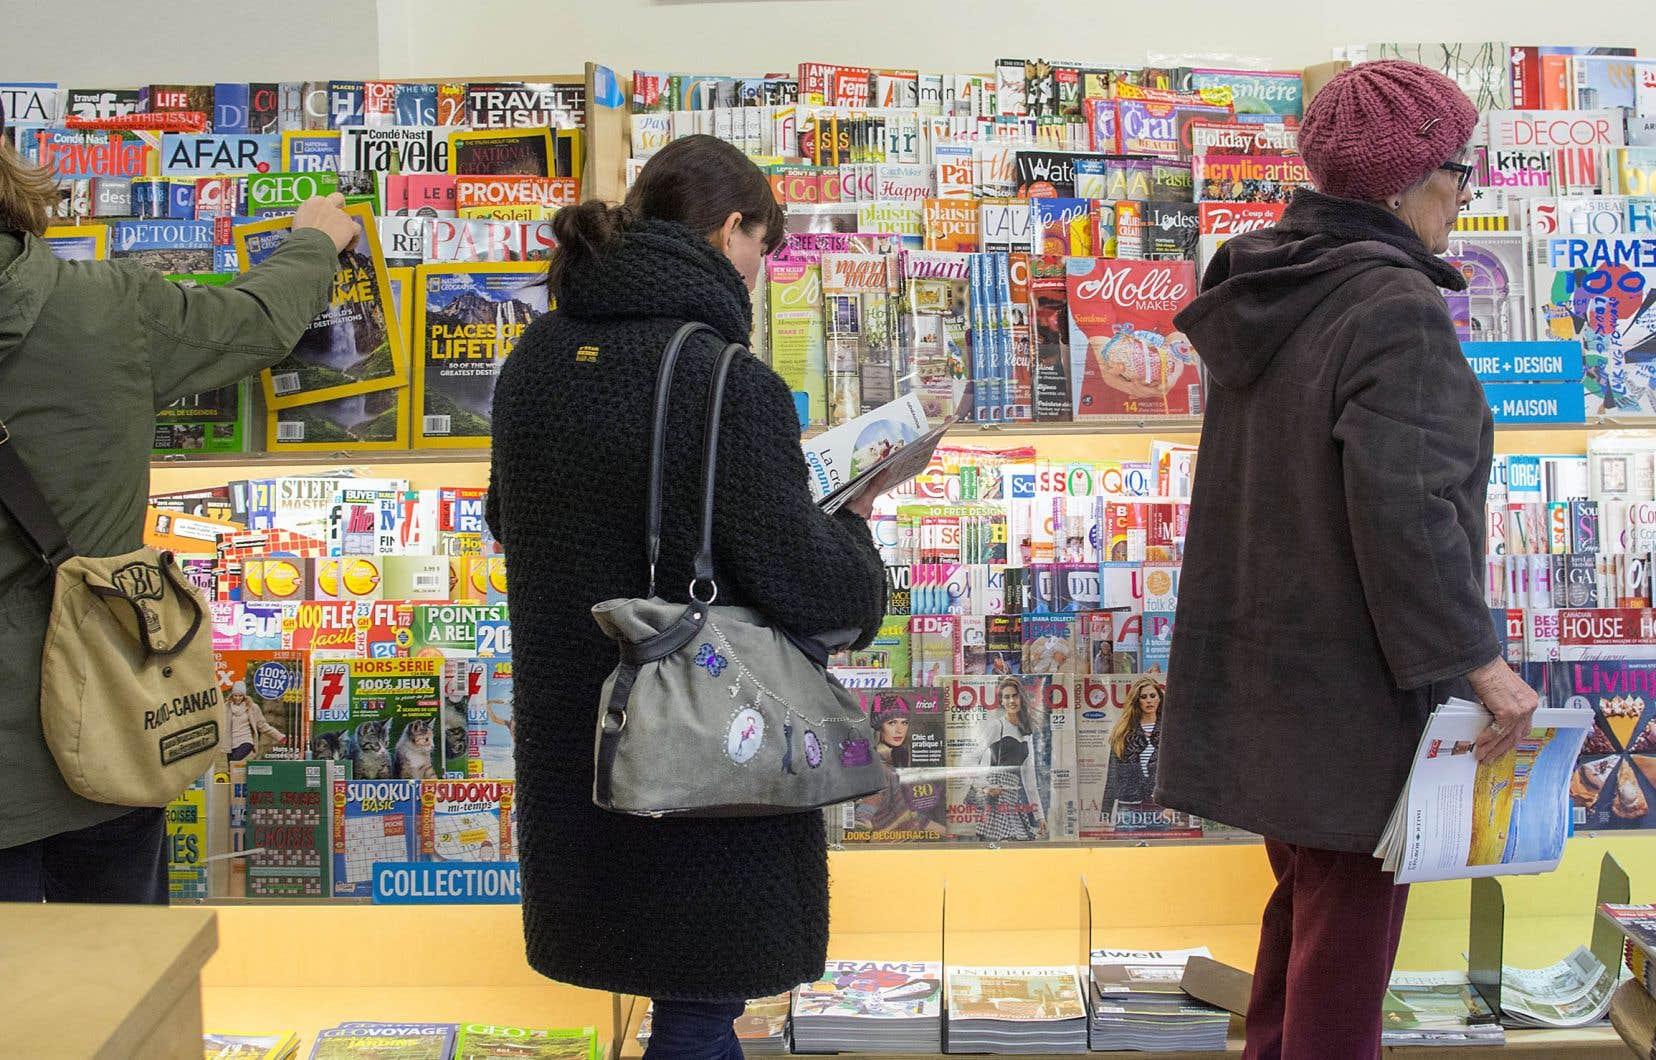 Si les 35 ans et plus sont attachés aux médias papier, en revanche, 90% des 18-34 ans utilisent les différentes plateformes numériques comme principal moyen de s'informer.